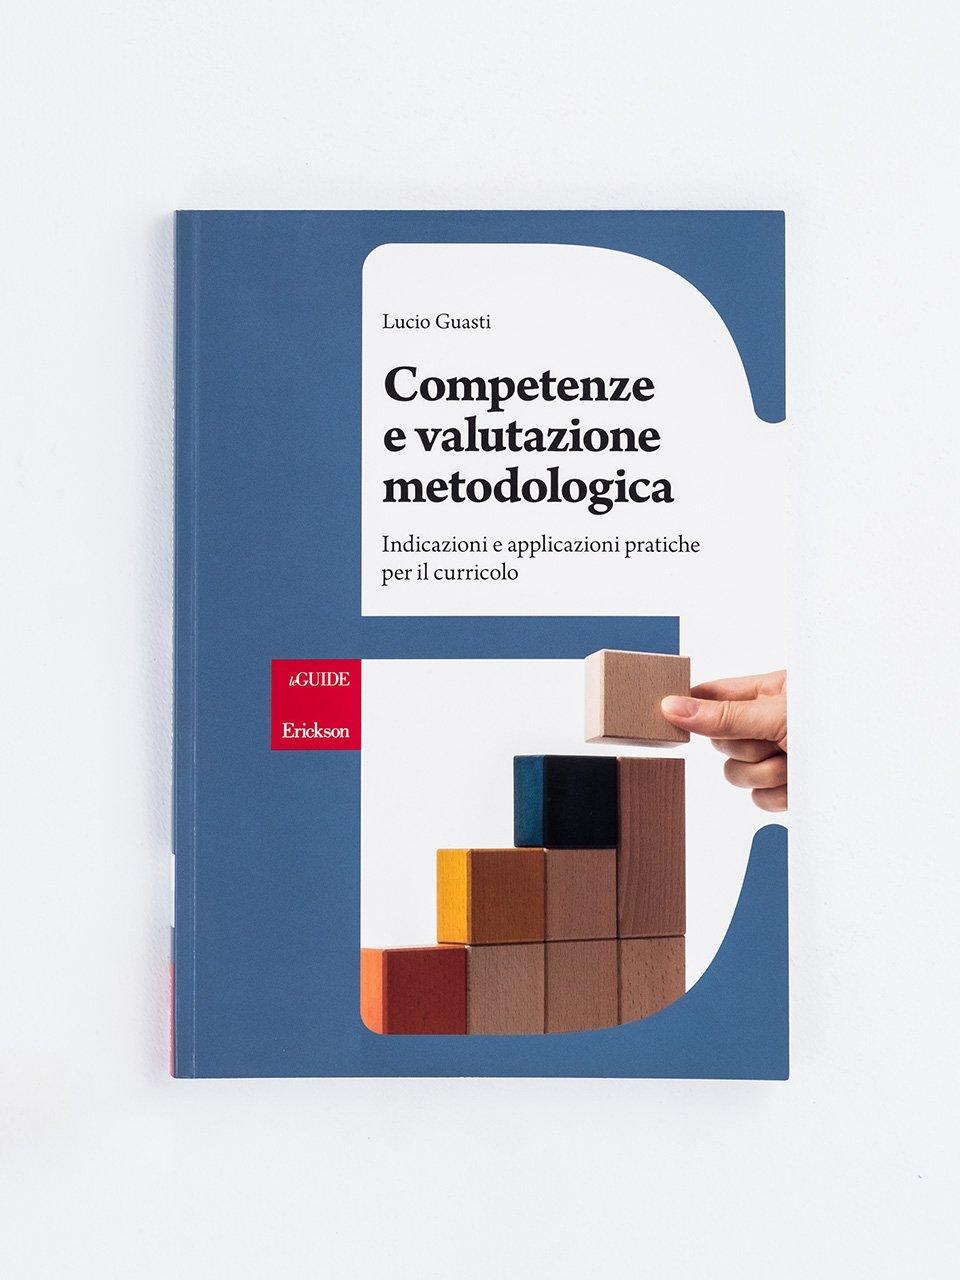 Competenze e valutazione metodologica - Test TVD - Valutazione del disagio e dispersione s - Libri - Erickson